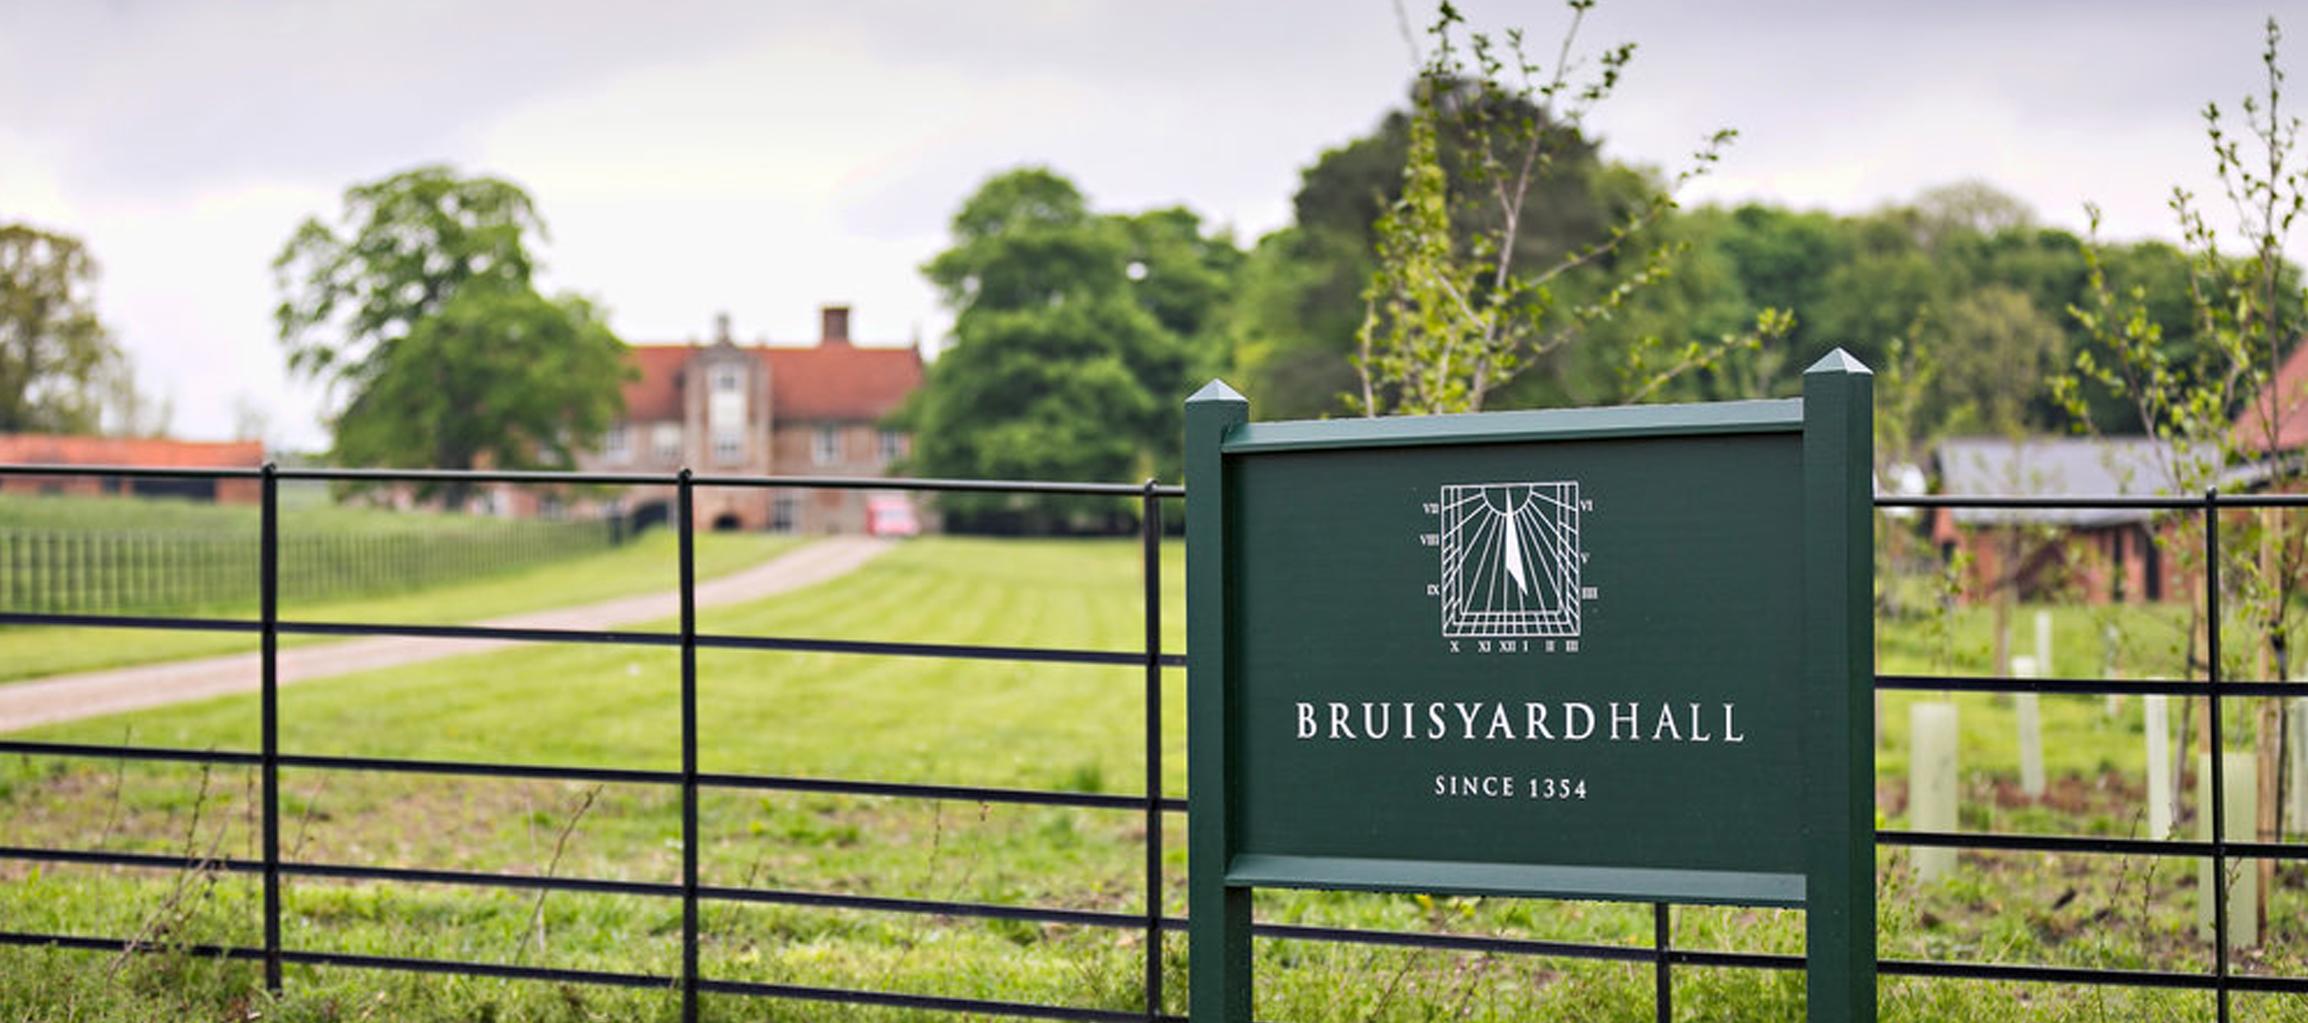 Bruisyard hall - open day. - 28th January '18 - Bruisyard Hall, Suffolk.10.00am - 2.00pm